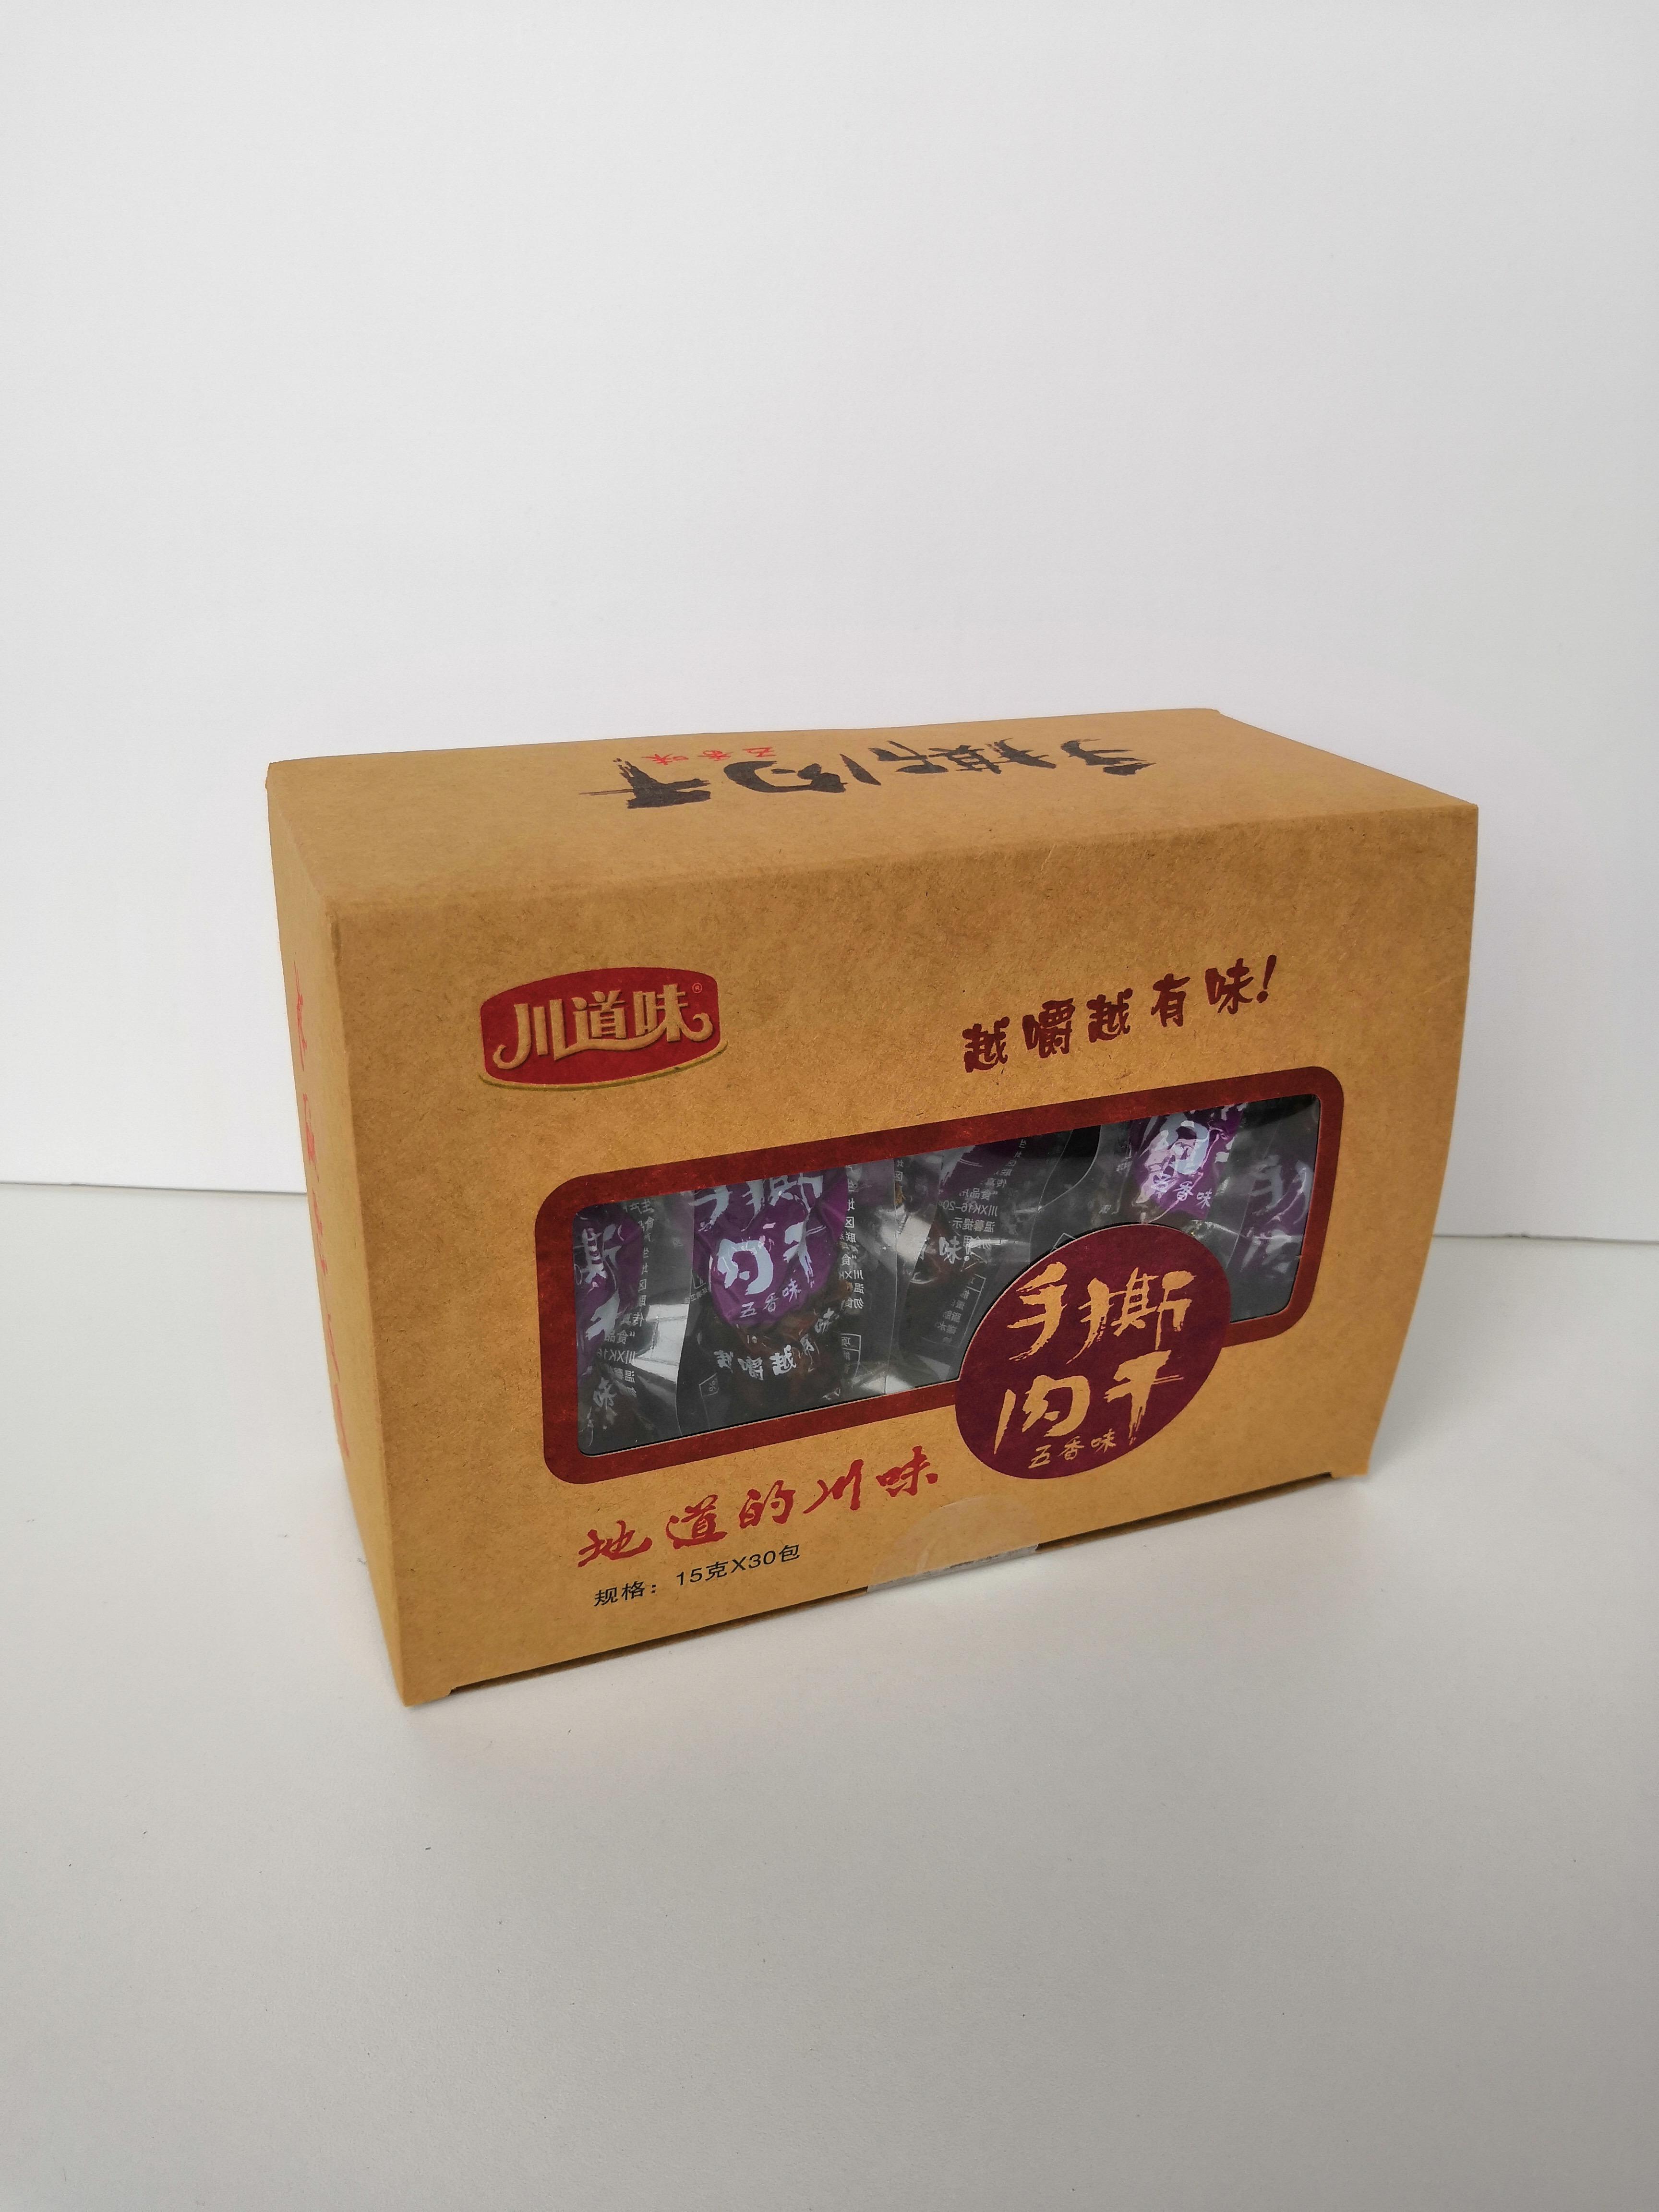 四川特产 川道味系列食品手撕肉干五香味 15克*30包/盒  满额包邮